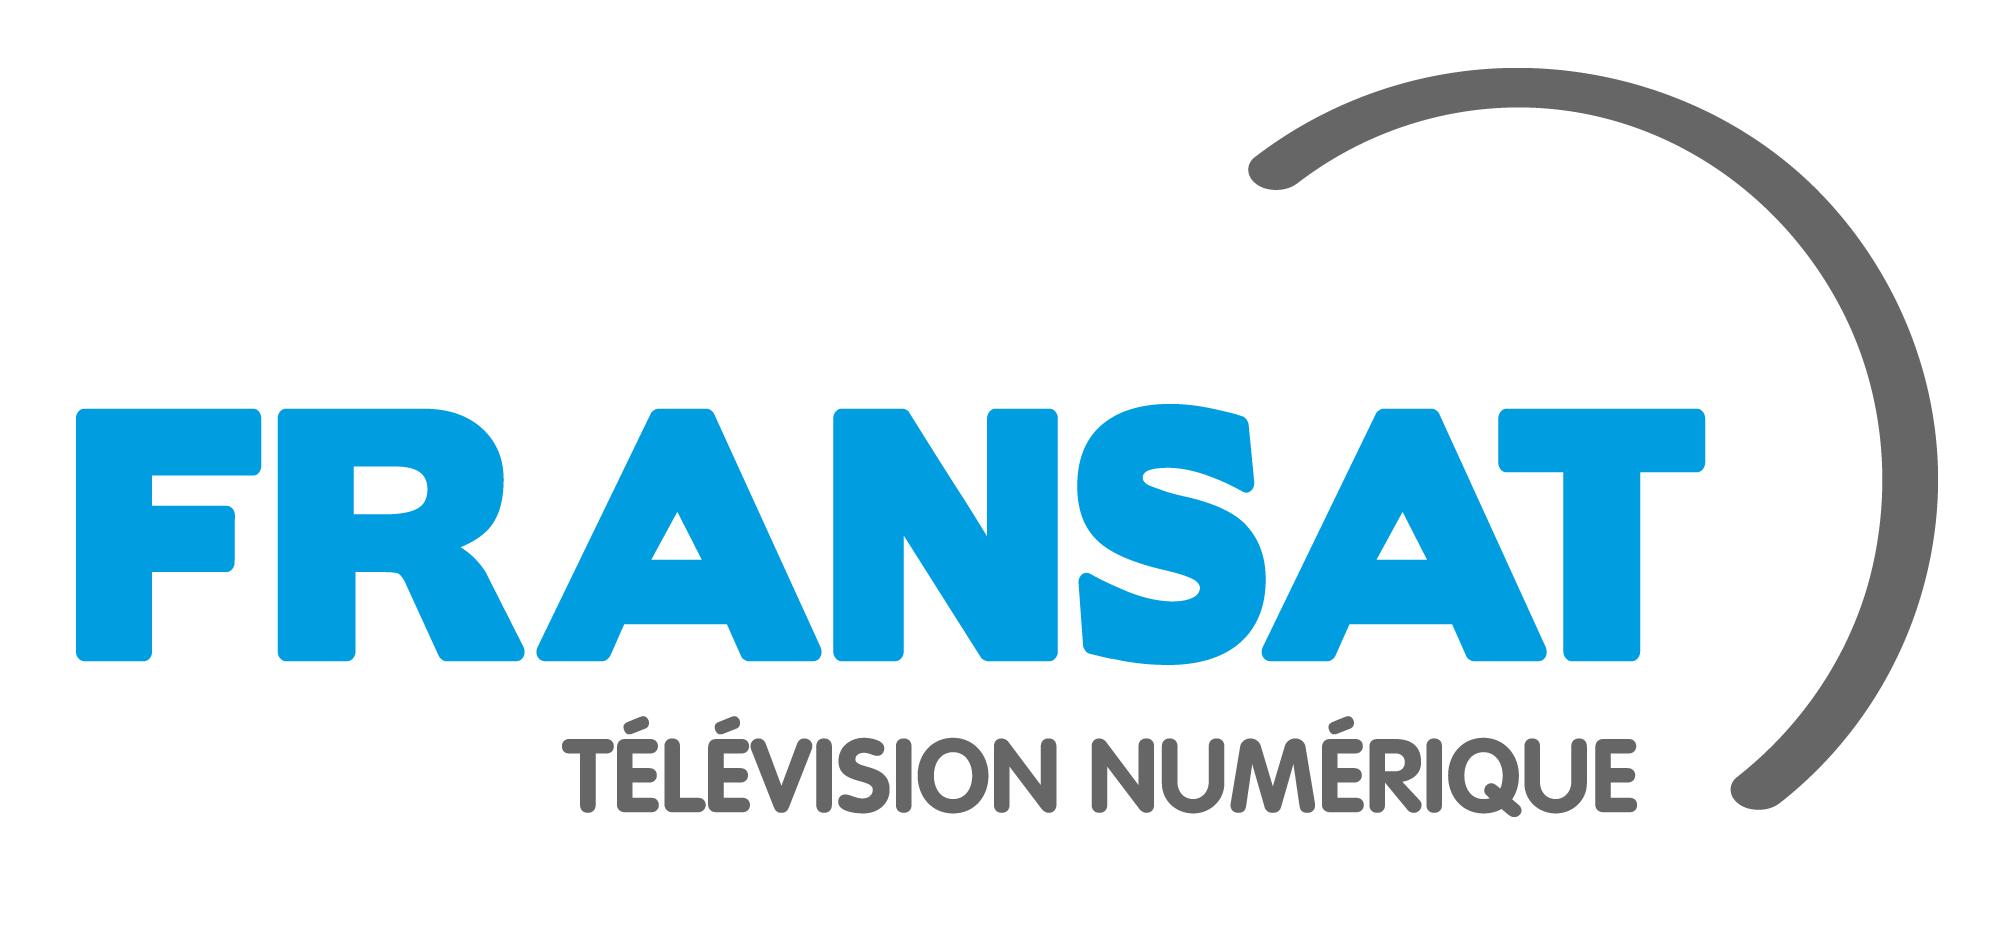 fransat satelite canales extranjeros